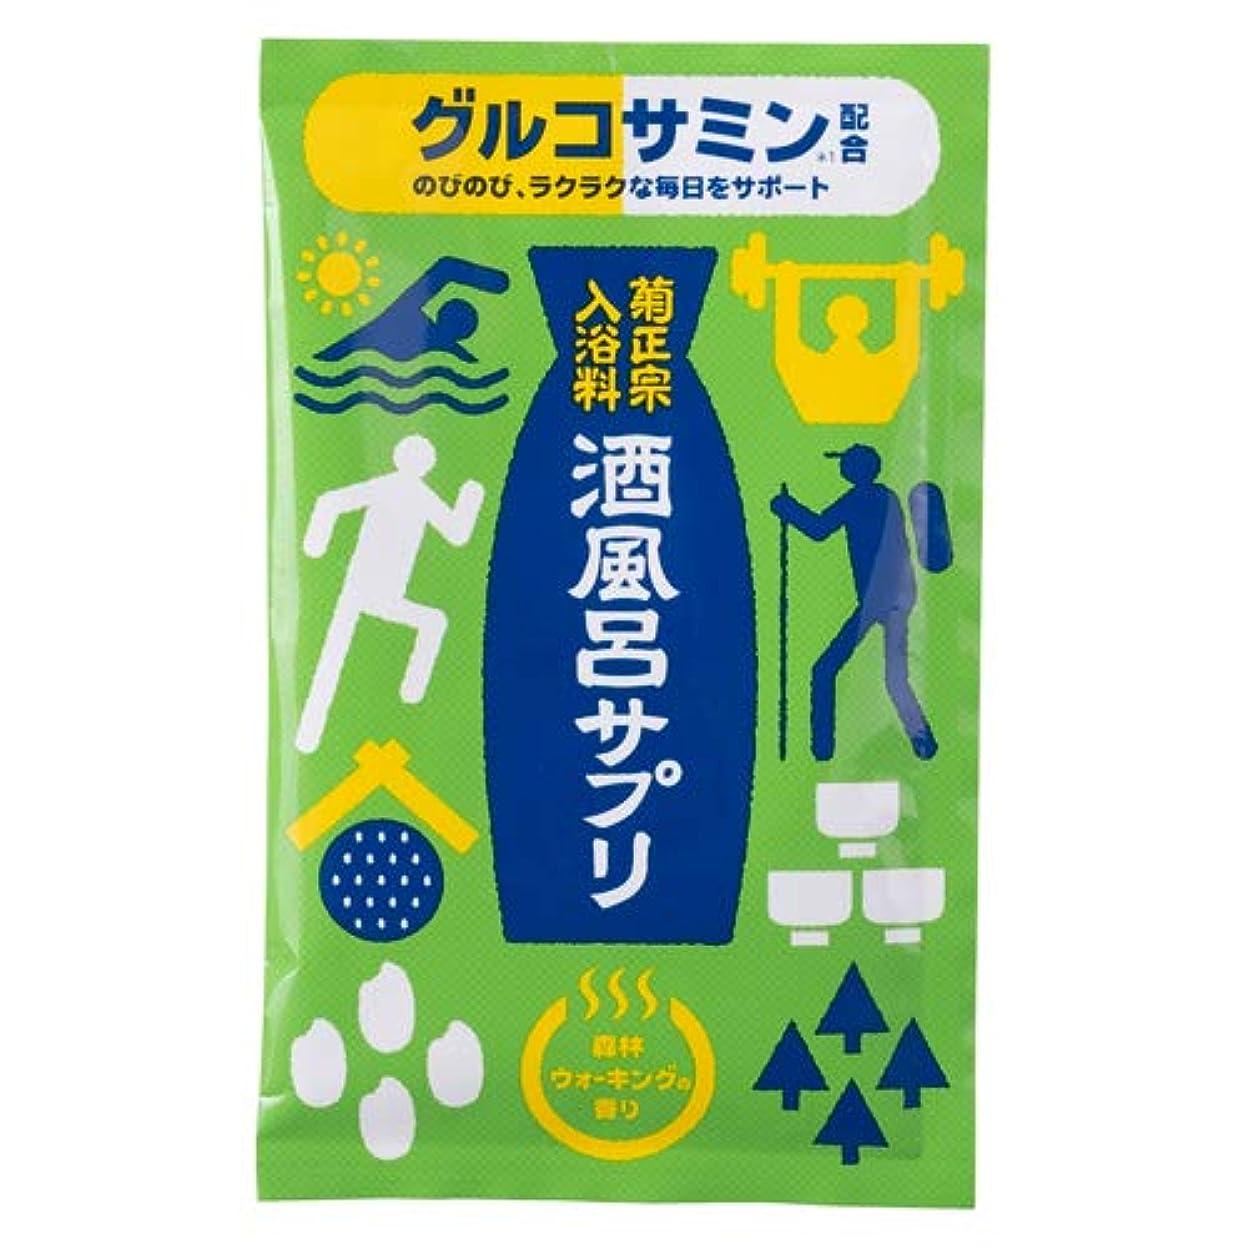 あたり複数フレット菊正宗 入浴料 酒風呂サプリ グルコサミン